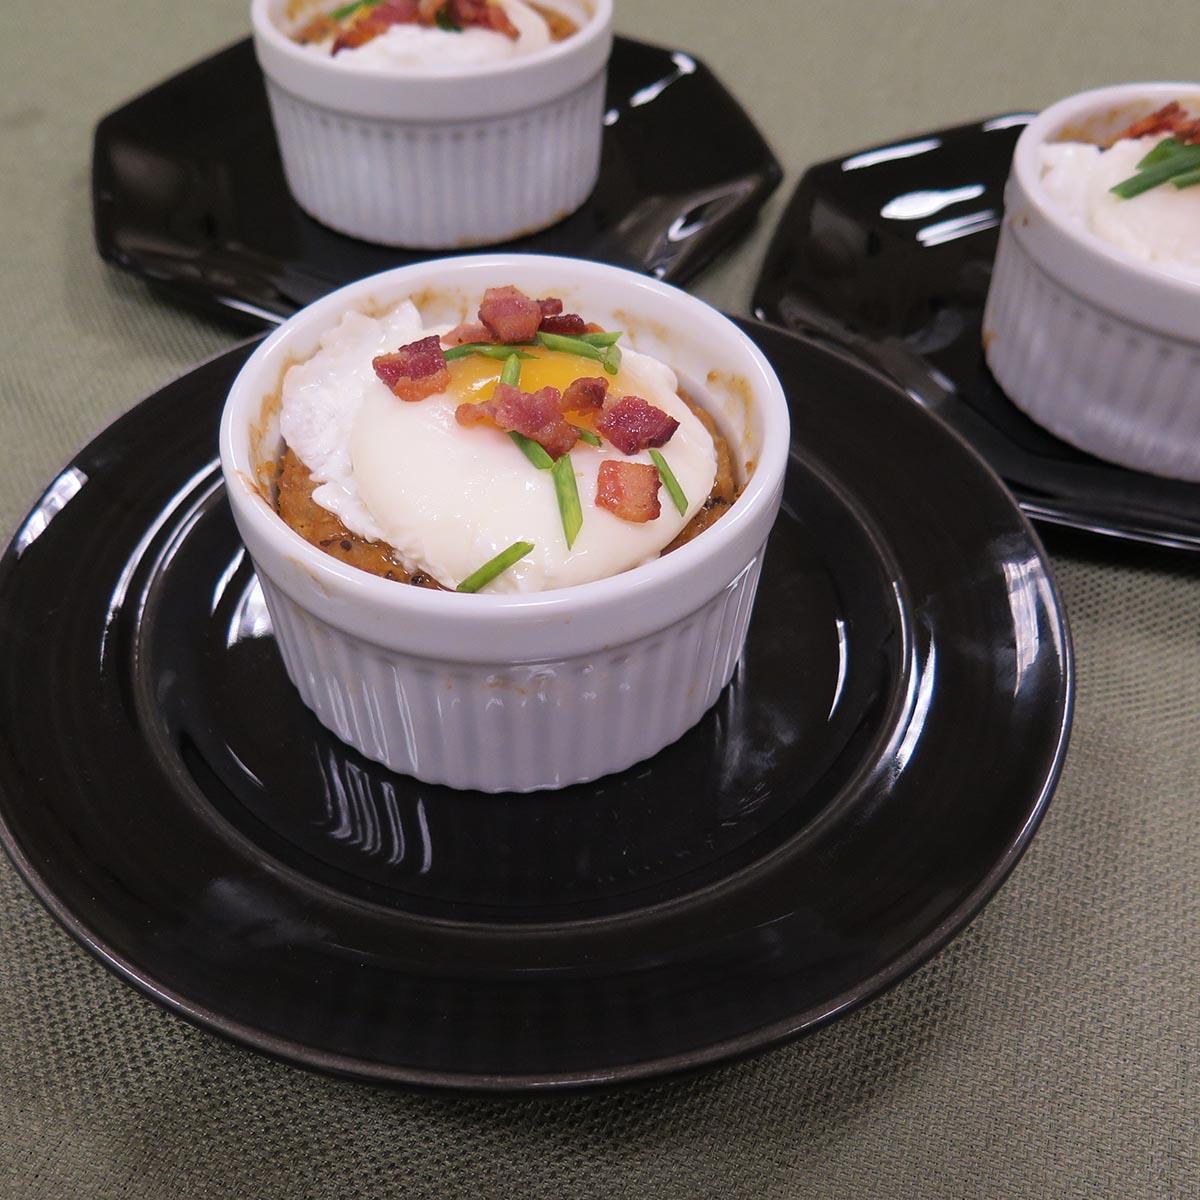 Quinoa and Corn Breakfast Bowl